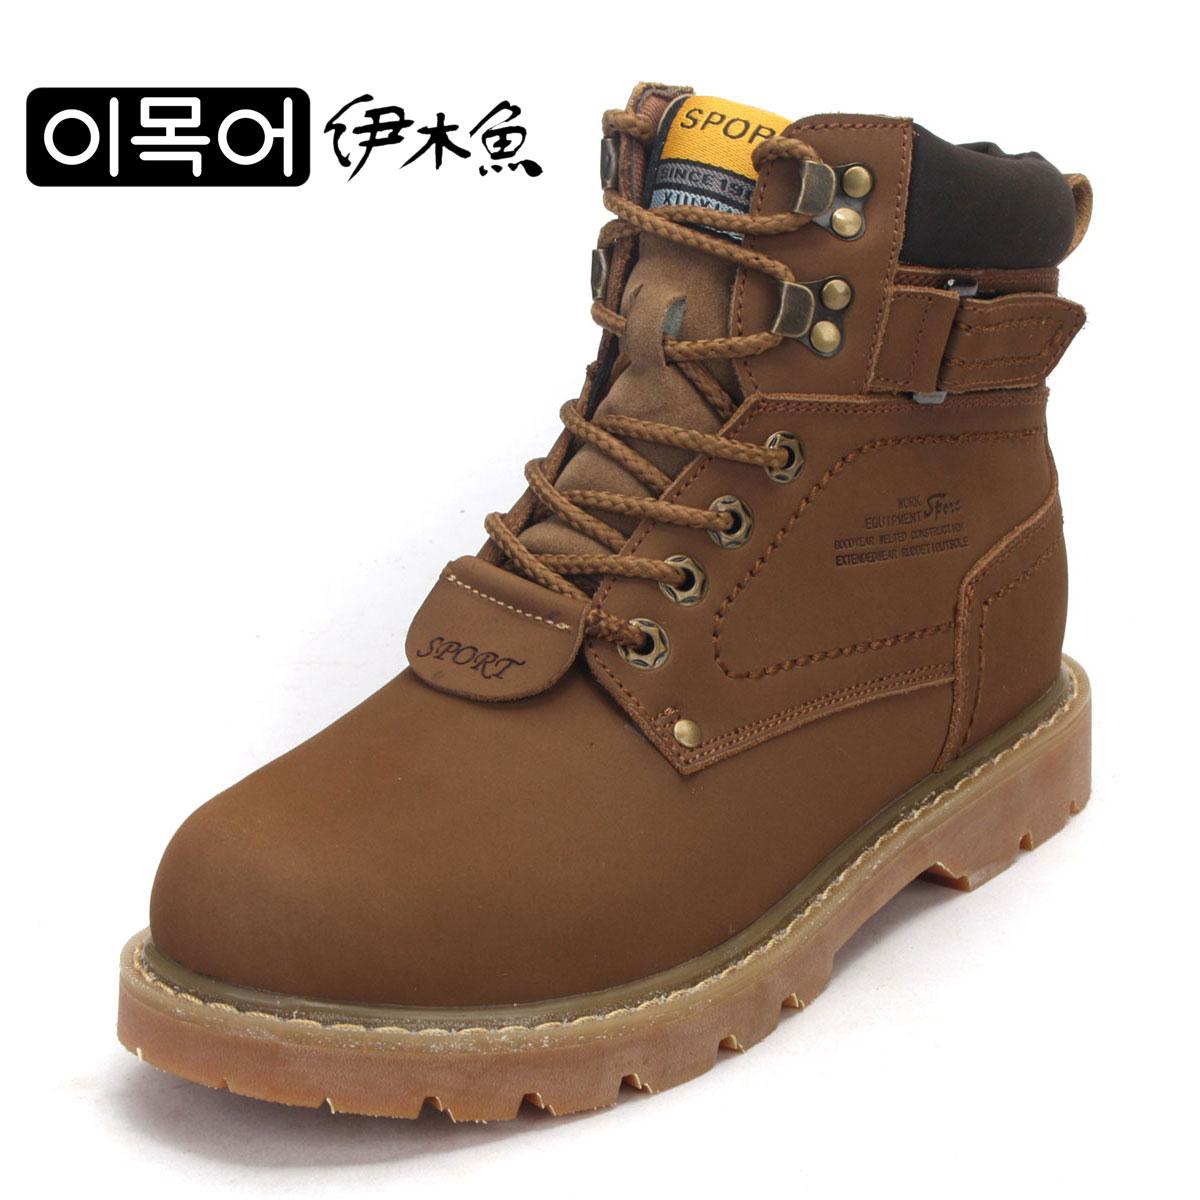 Цвет: 068 светло-коричневый (2 м больше, чем спортивная обувь)